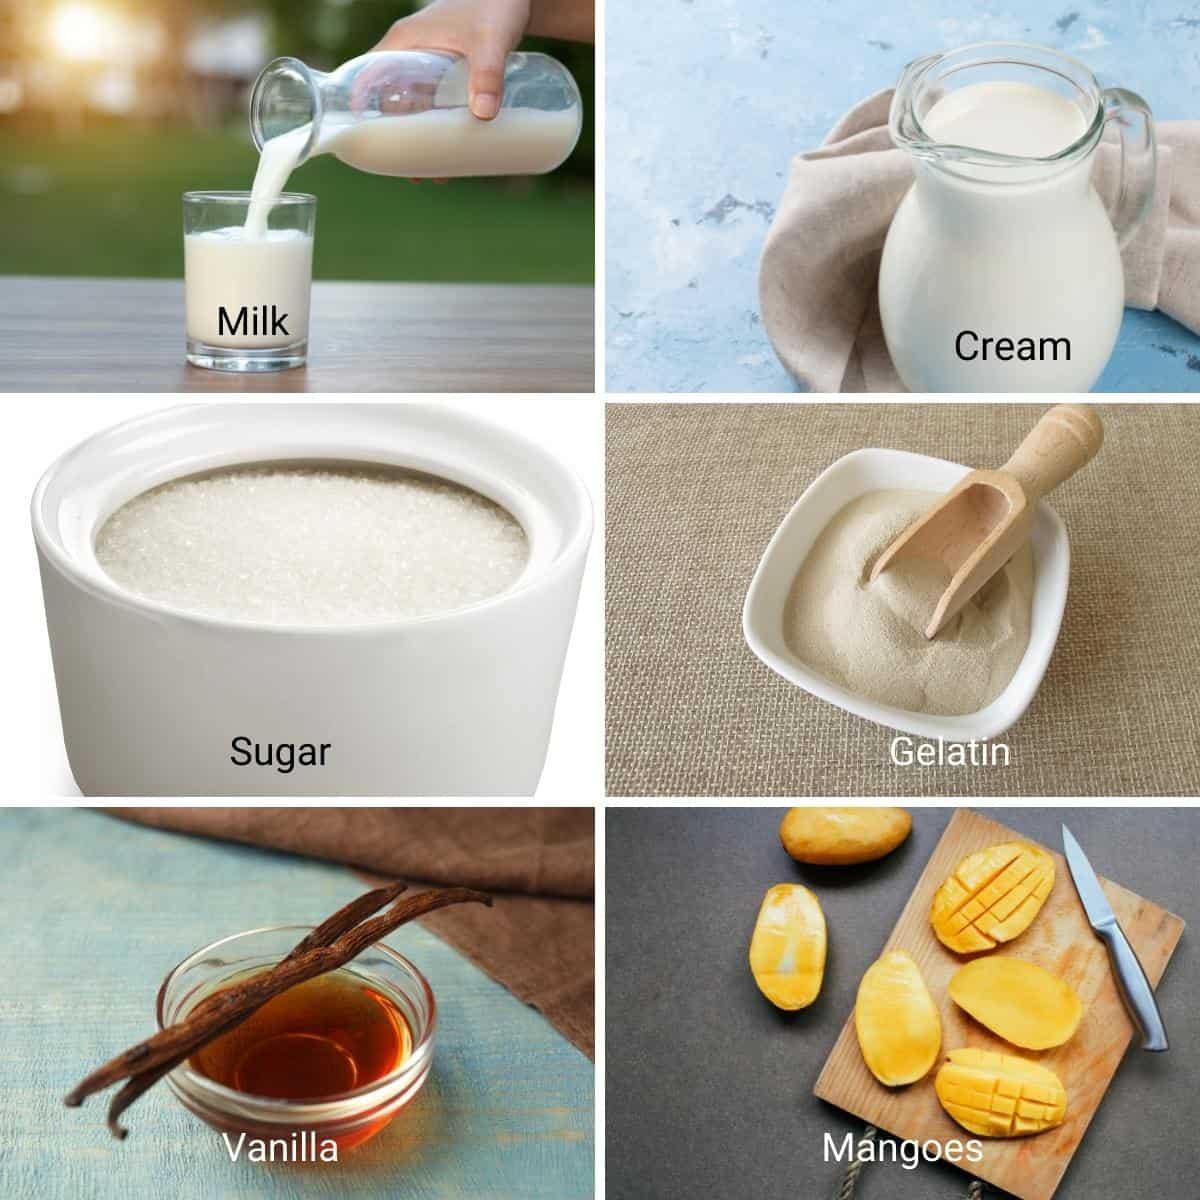 Ingredients to make mango panna cotta.